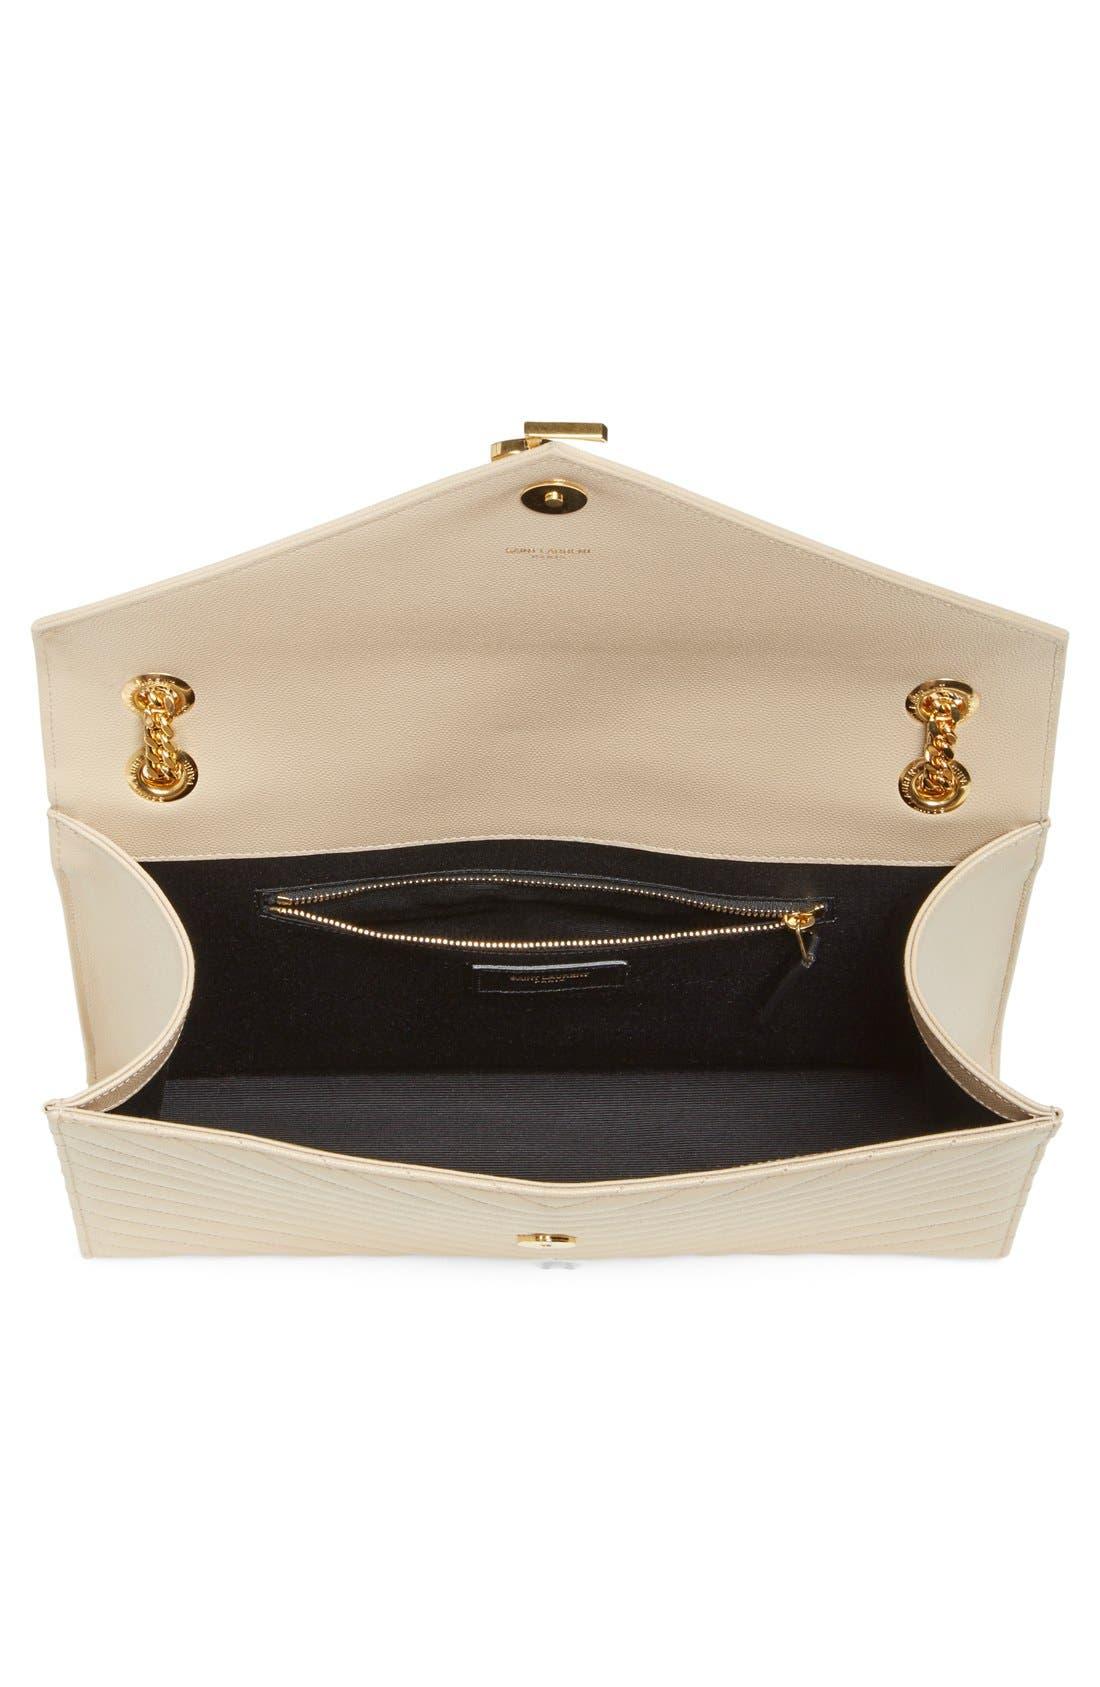 SAINT LAURENT,                             'Large Monogram' Grained Leather Shoulder Bag,                             Alternate thumbnail 4, color,                             POUDRE